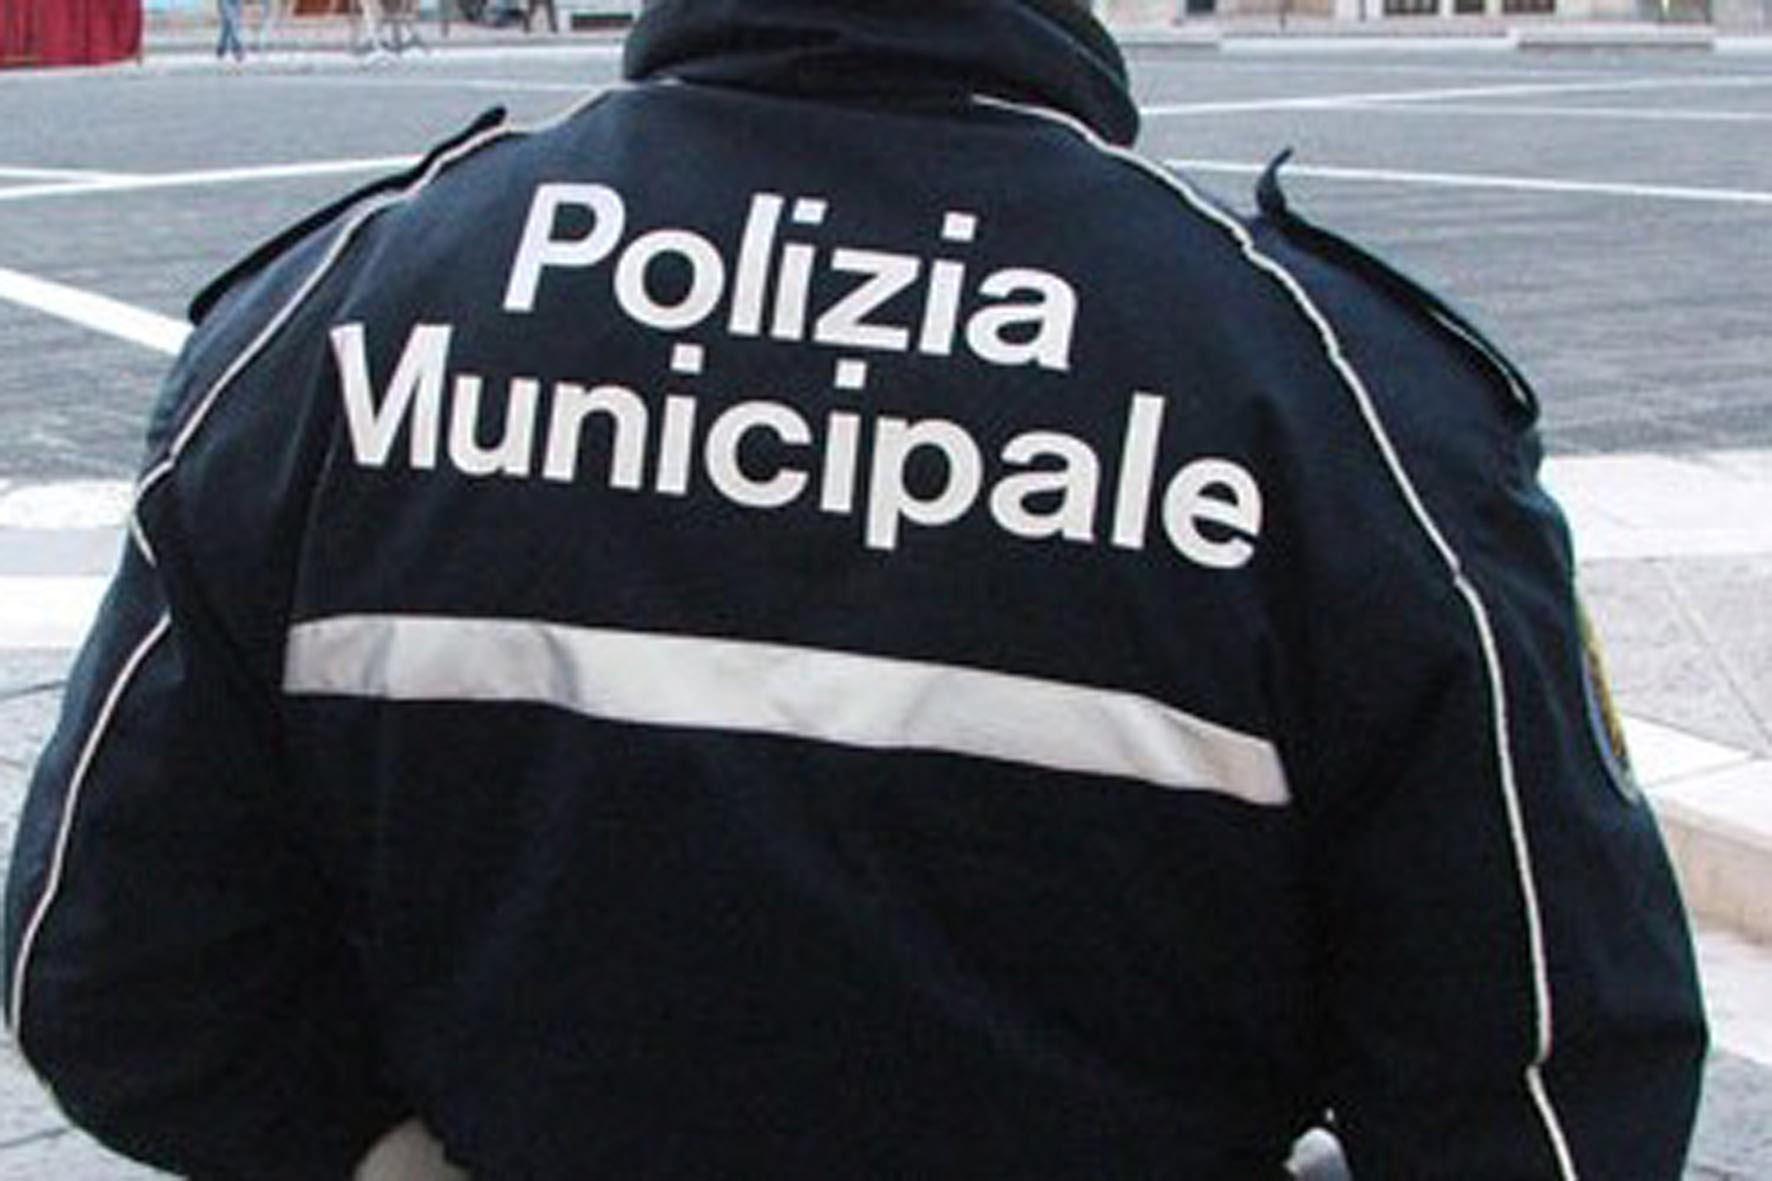 Modica, Polizia edilizia: ad aprile denunciate sette persone